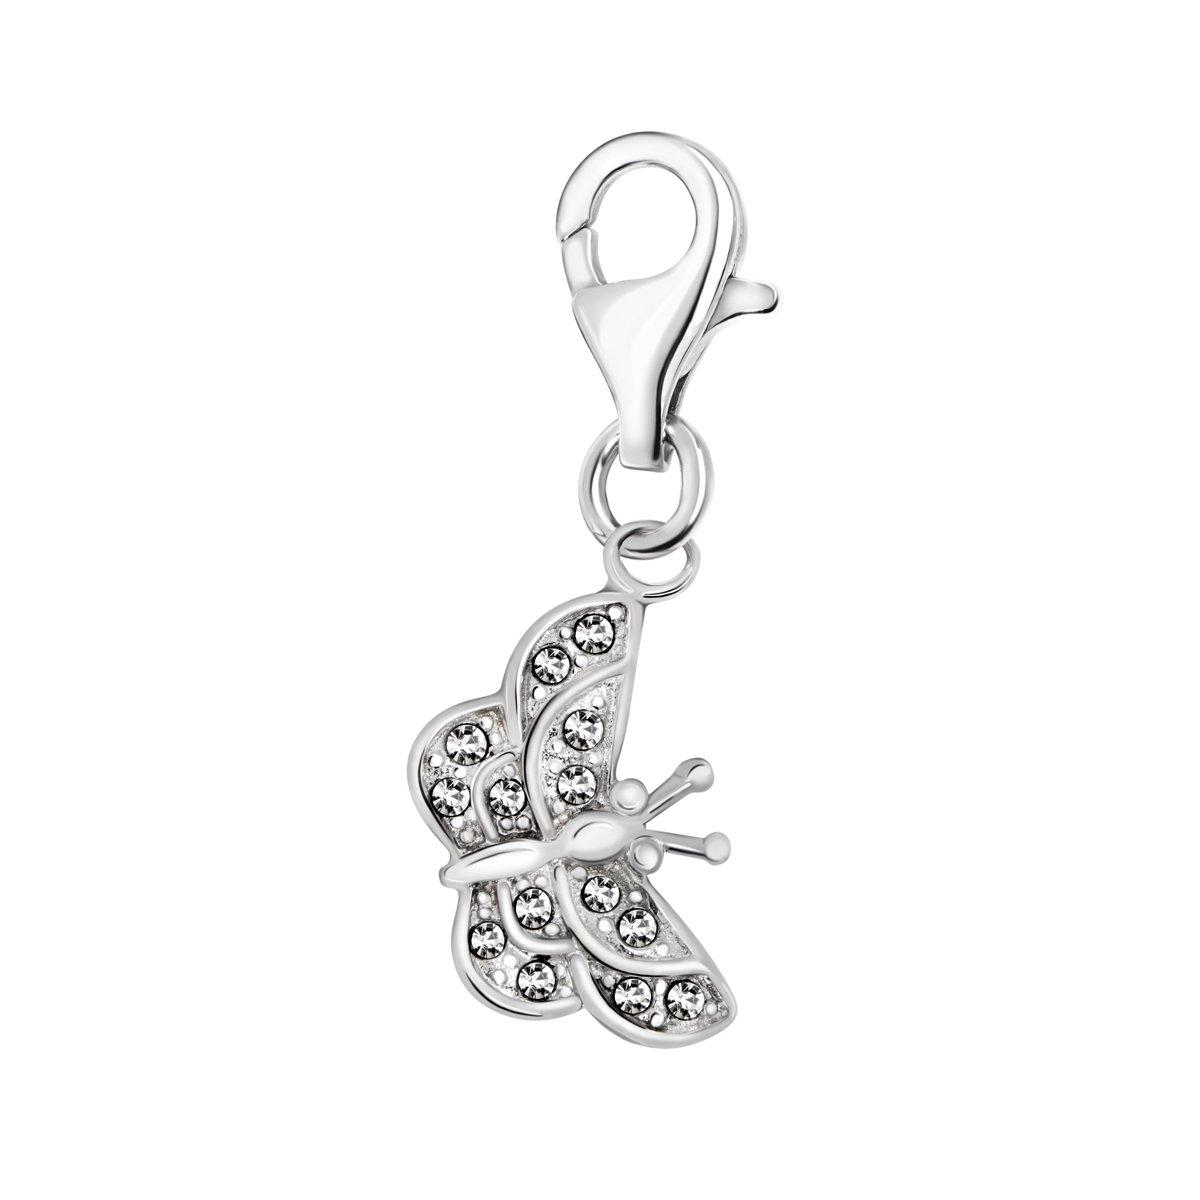 Quiges Charm Pendentif Perle avec Fermoir Femme Argent 925 Papillon en Oxyde de Zirconium Blanc